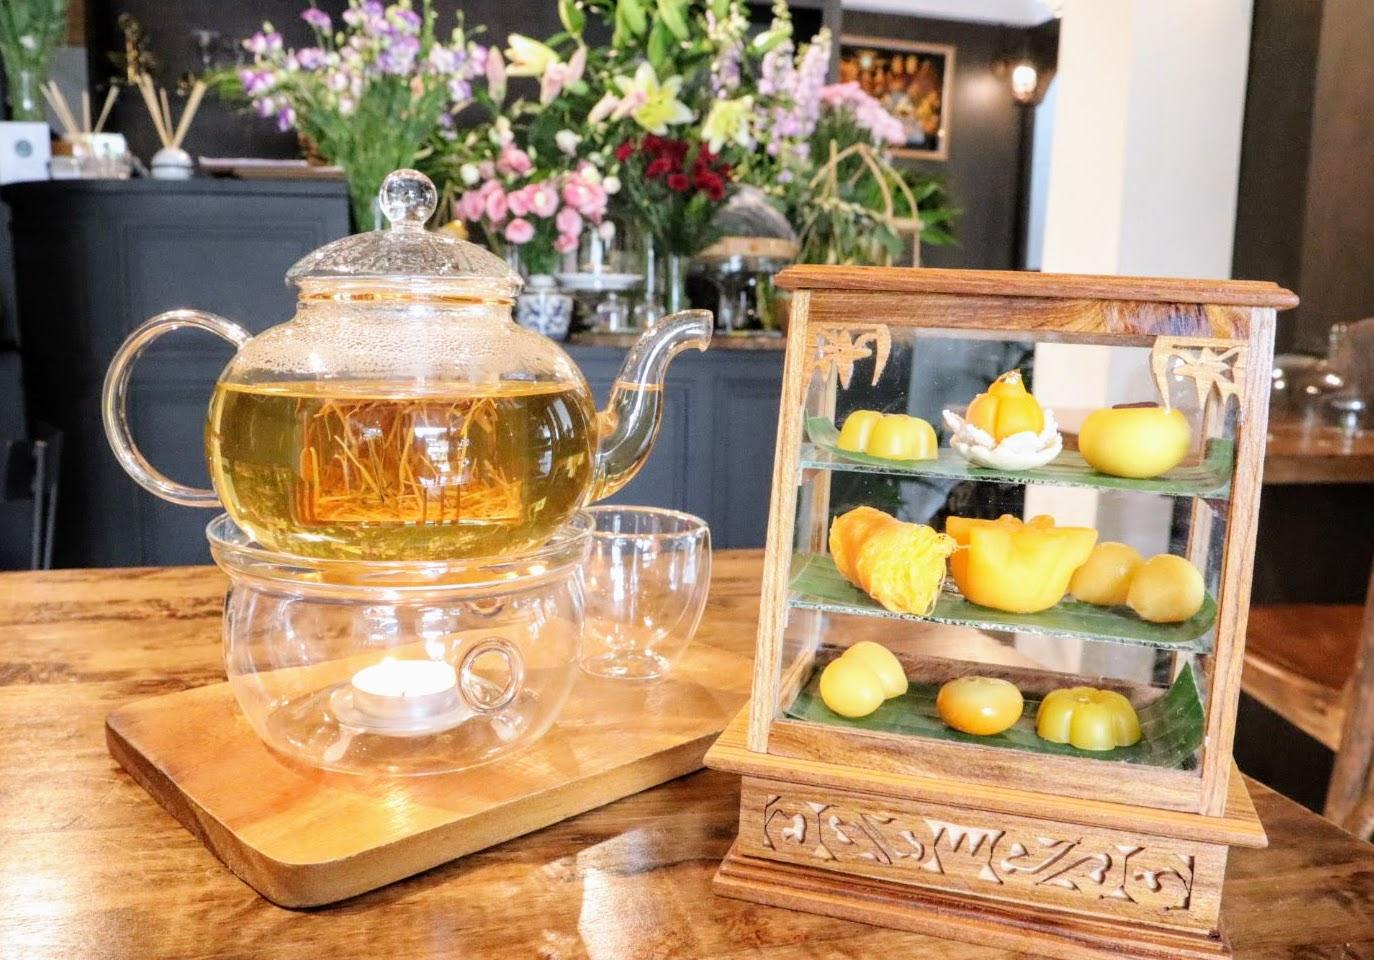 かわいいタイ伝統菓子のカフェCher Cheeva(チアチーバ)